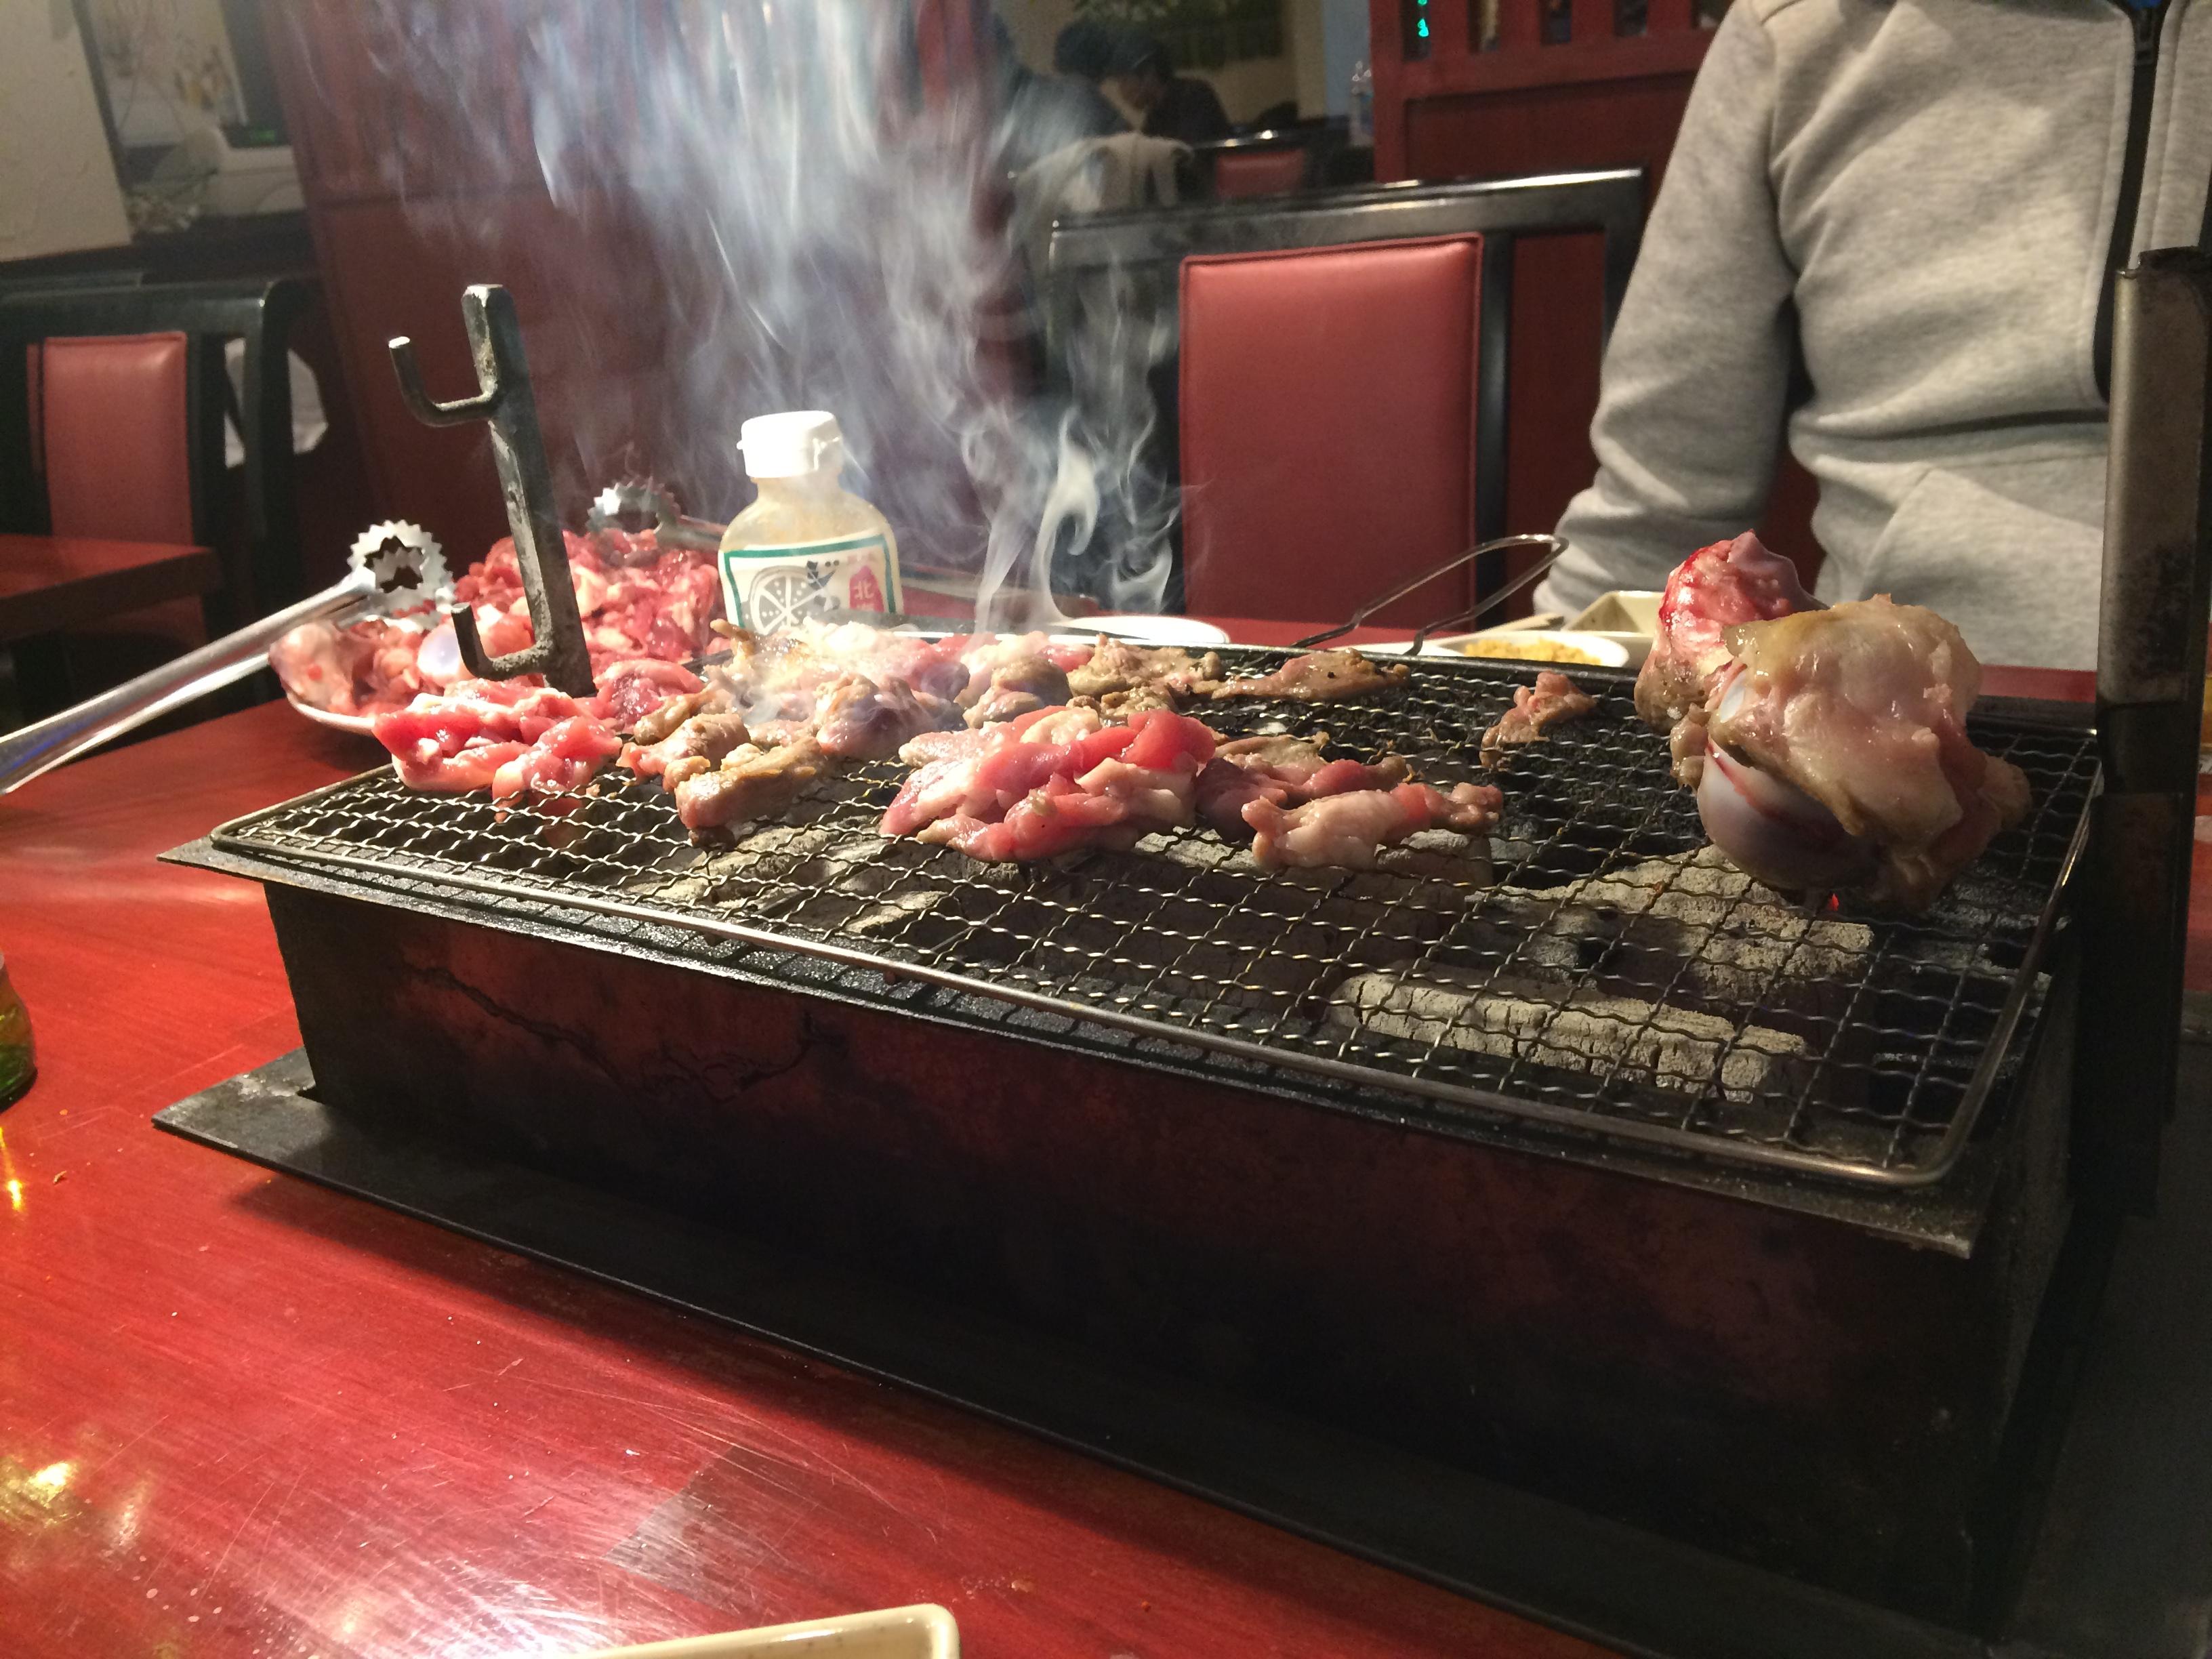 西川口「中国人向け食堂」が羊腿肉「1頭分」の焼肉を提供していた!